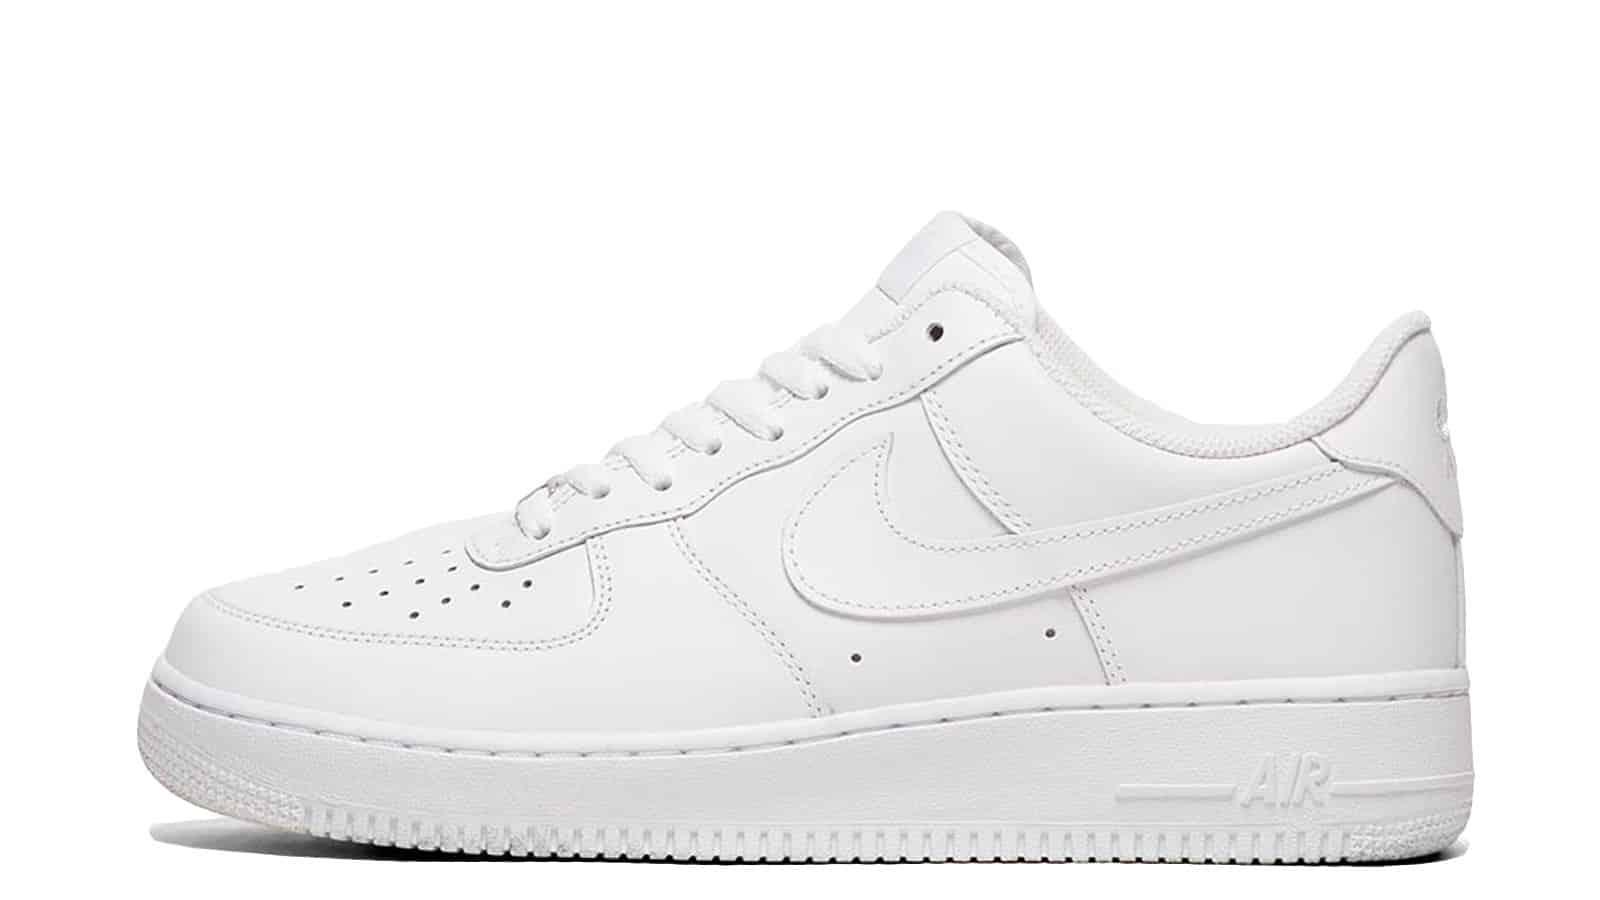 Nike Air Force 1 '07 Retro